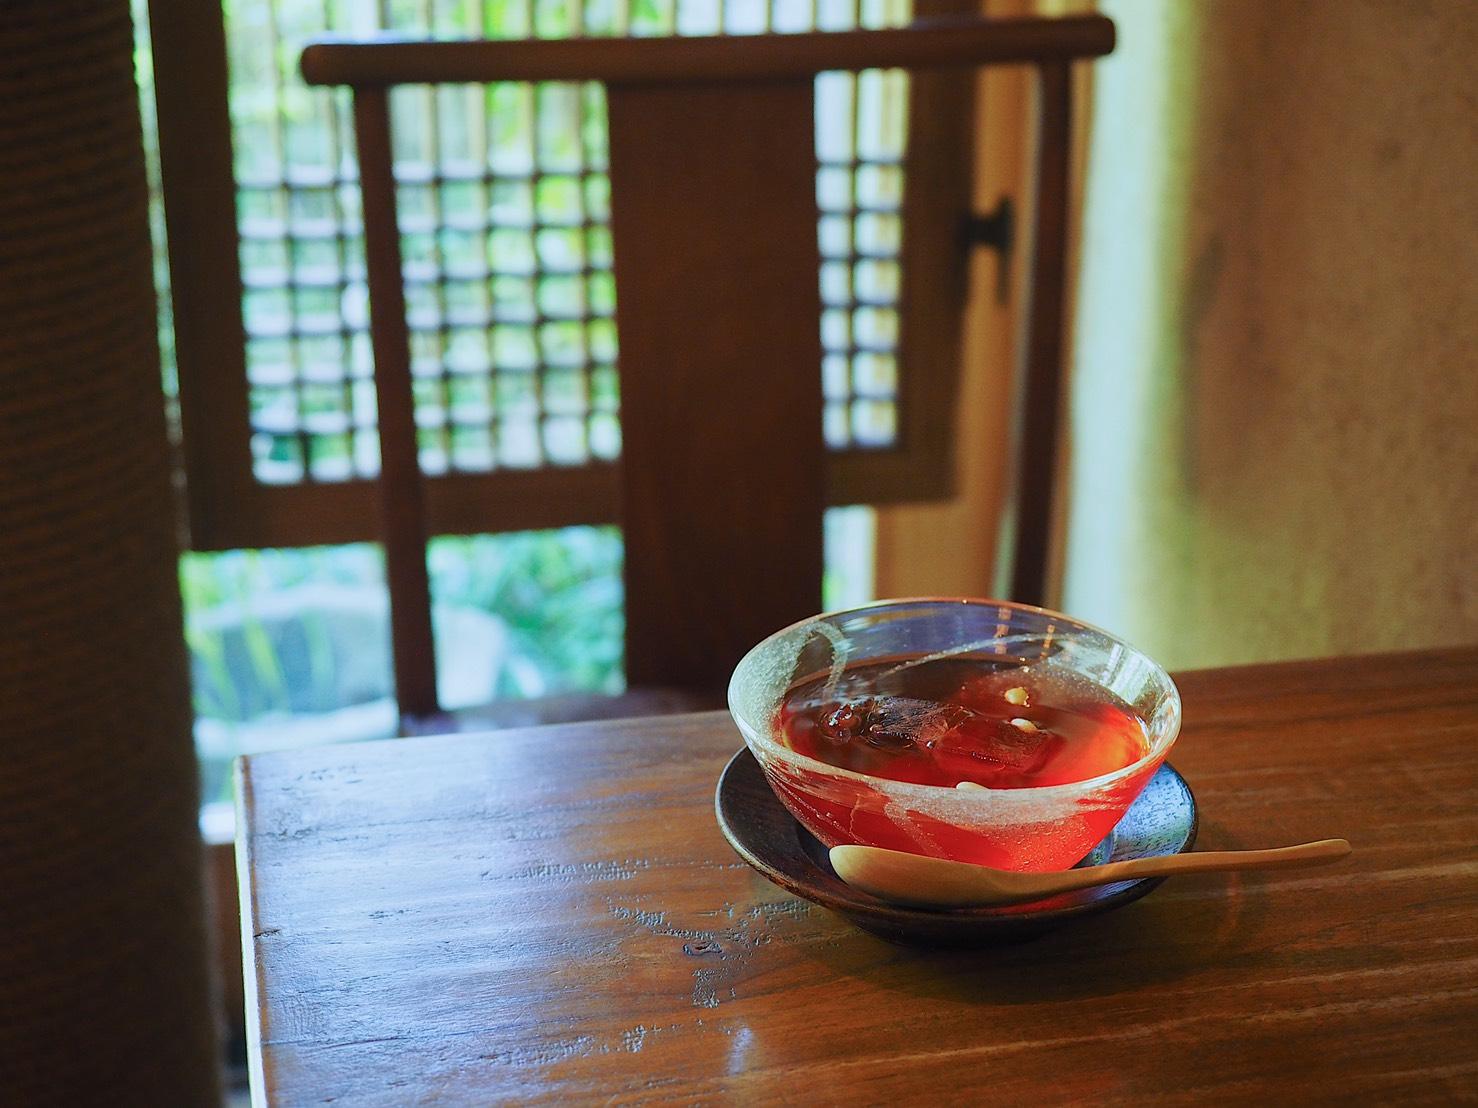 渡韓したら次こそチャレンジしたい!韓国伝統茶のご紹介 〜真っ赤な五味子茶を淹れてみよう〜